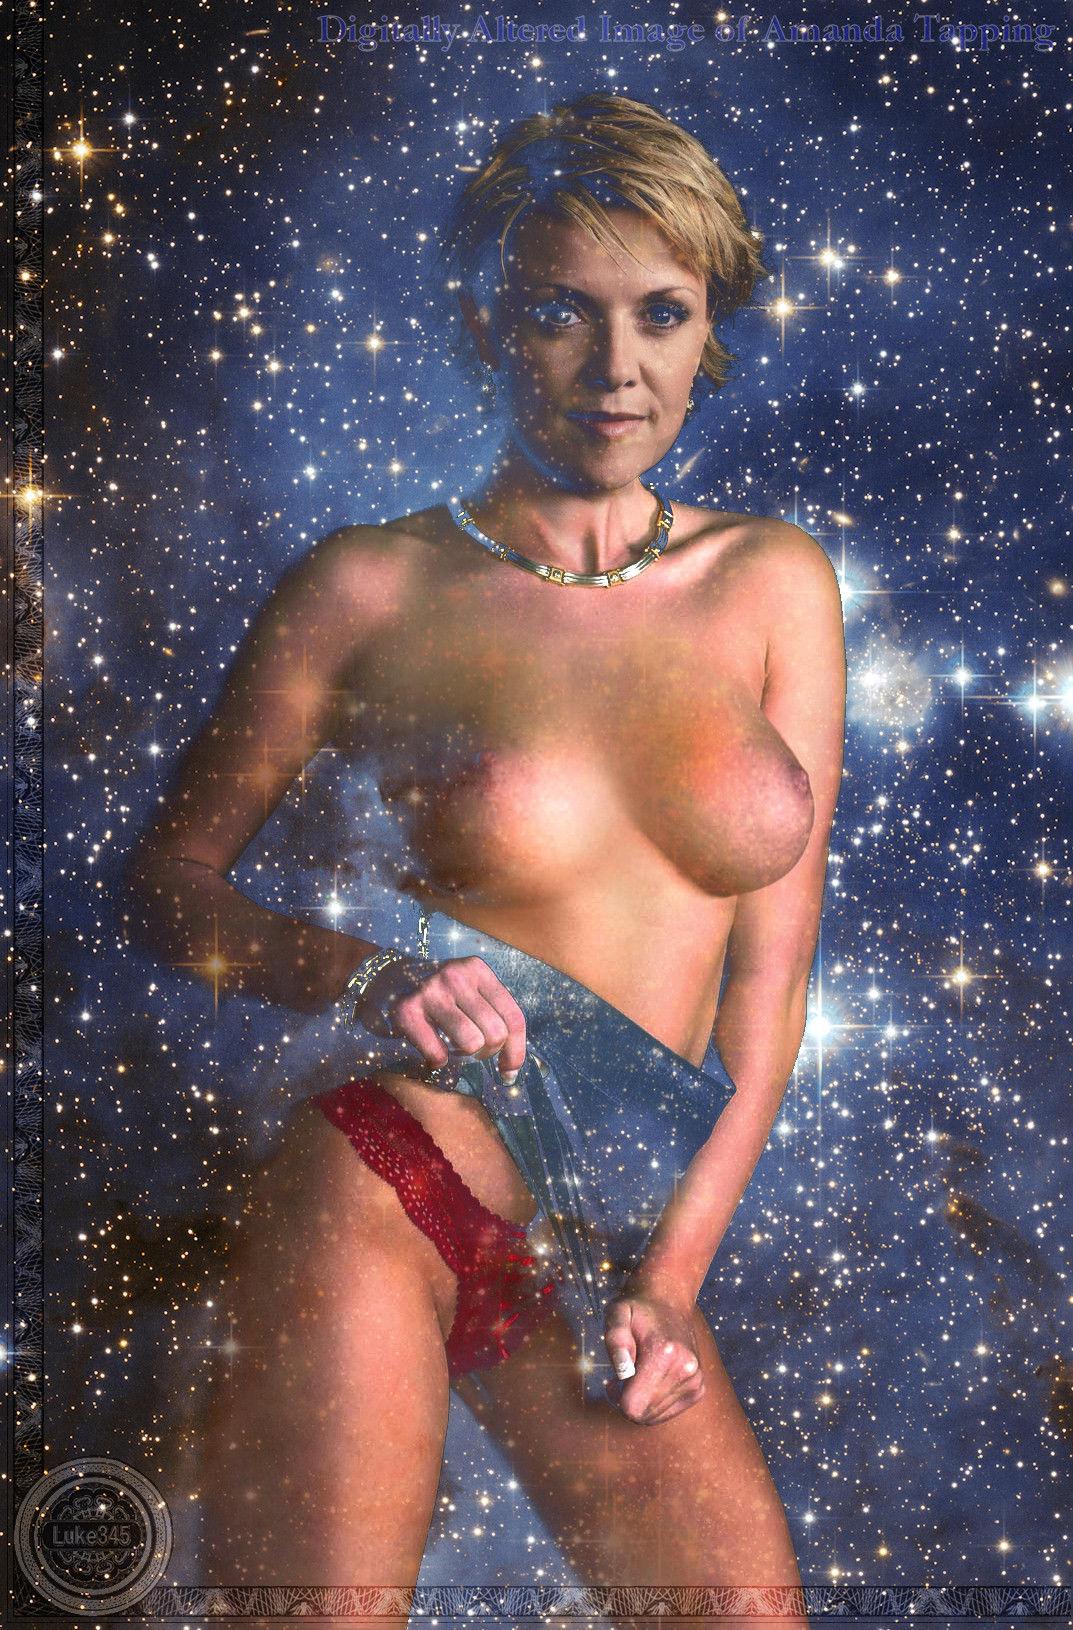 Stargate samantha carter hentai xxx pics